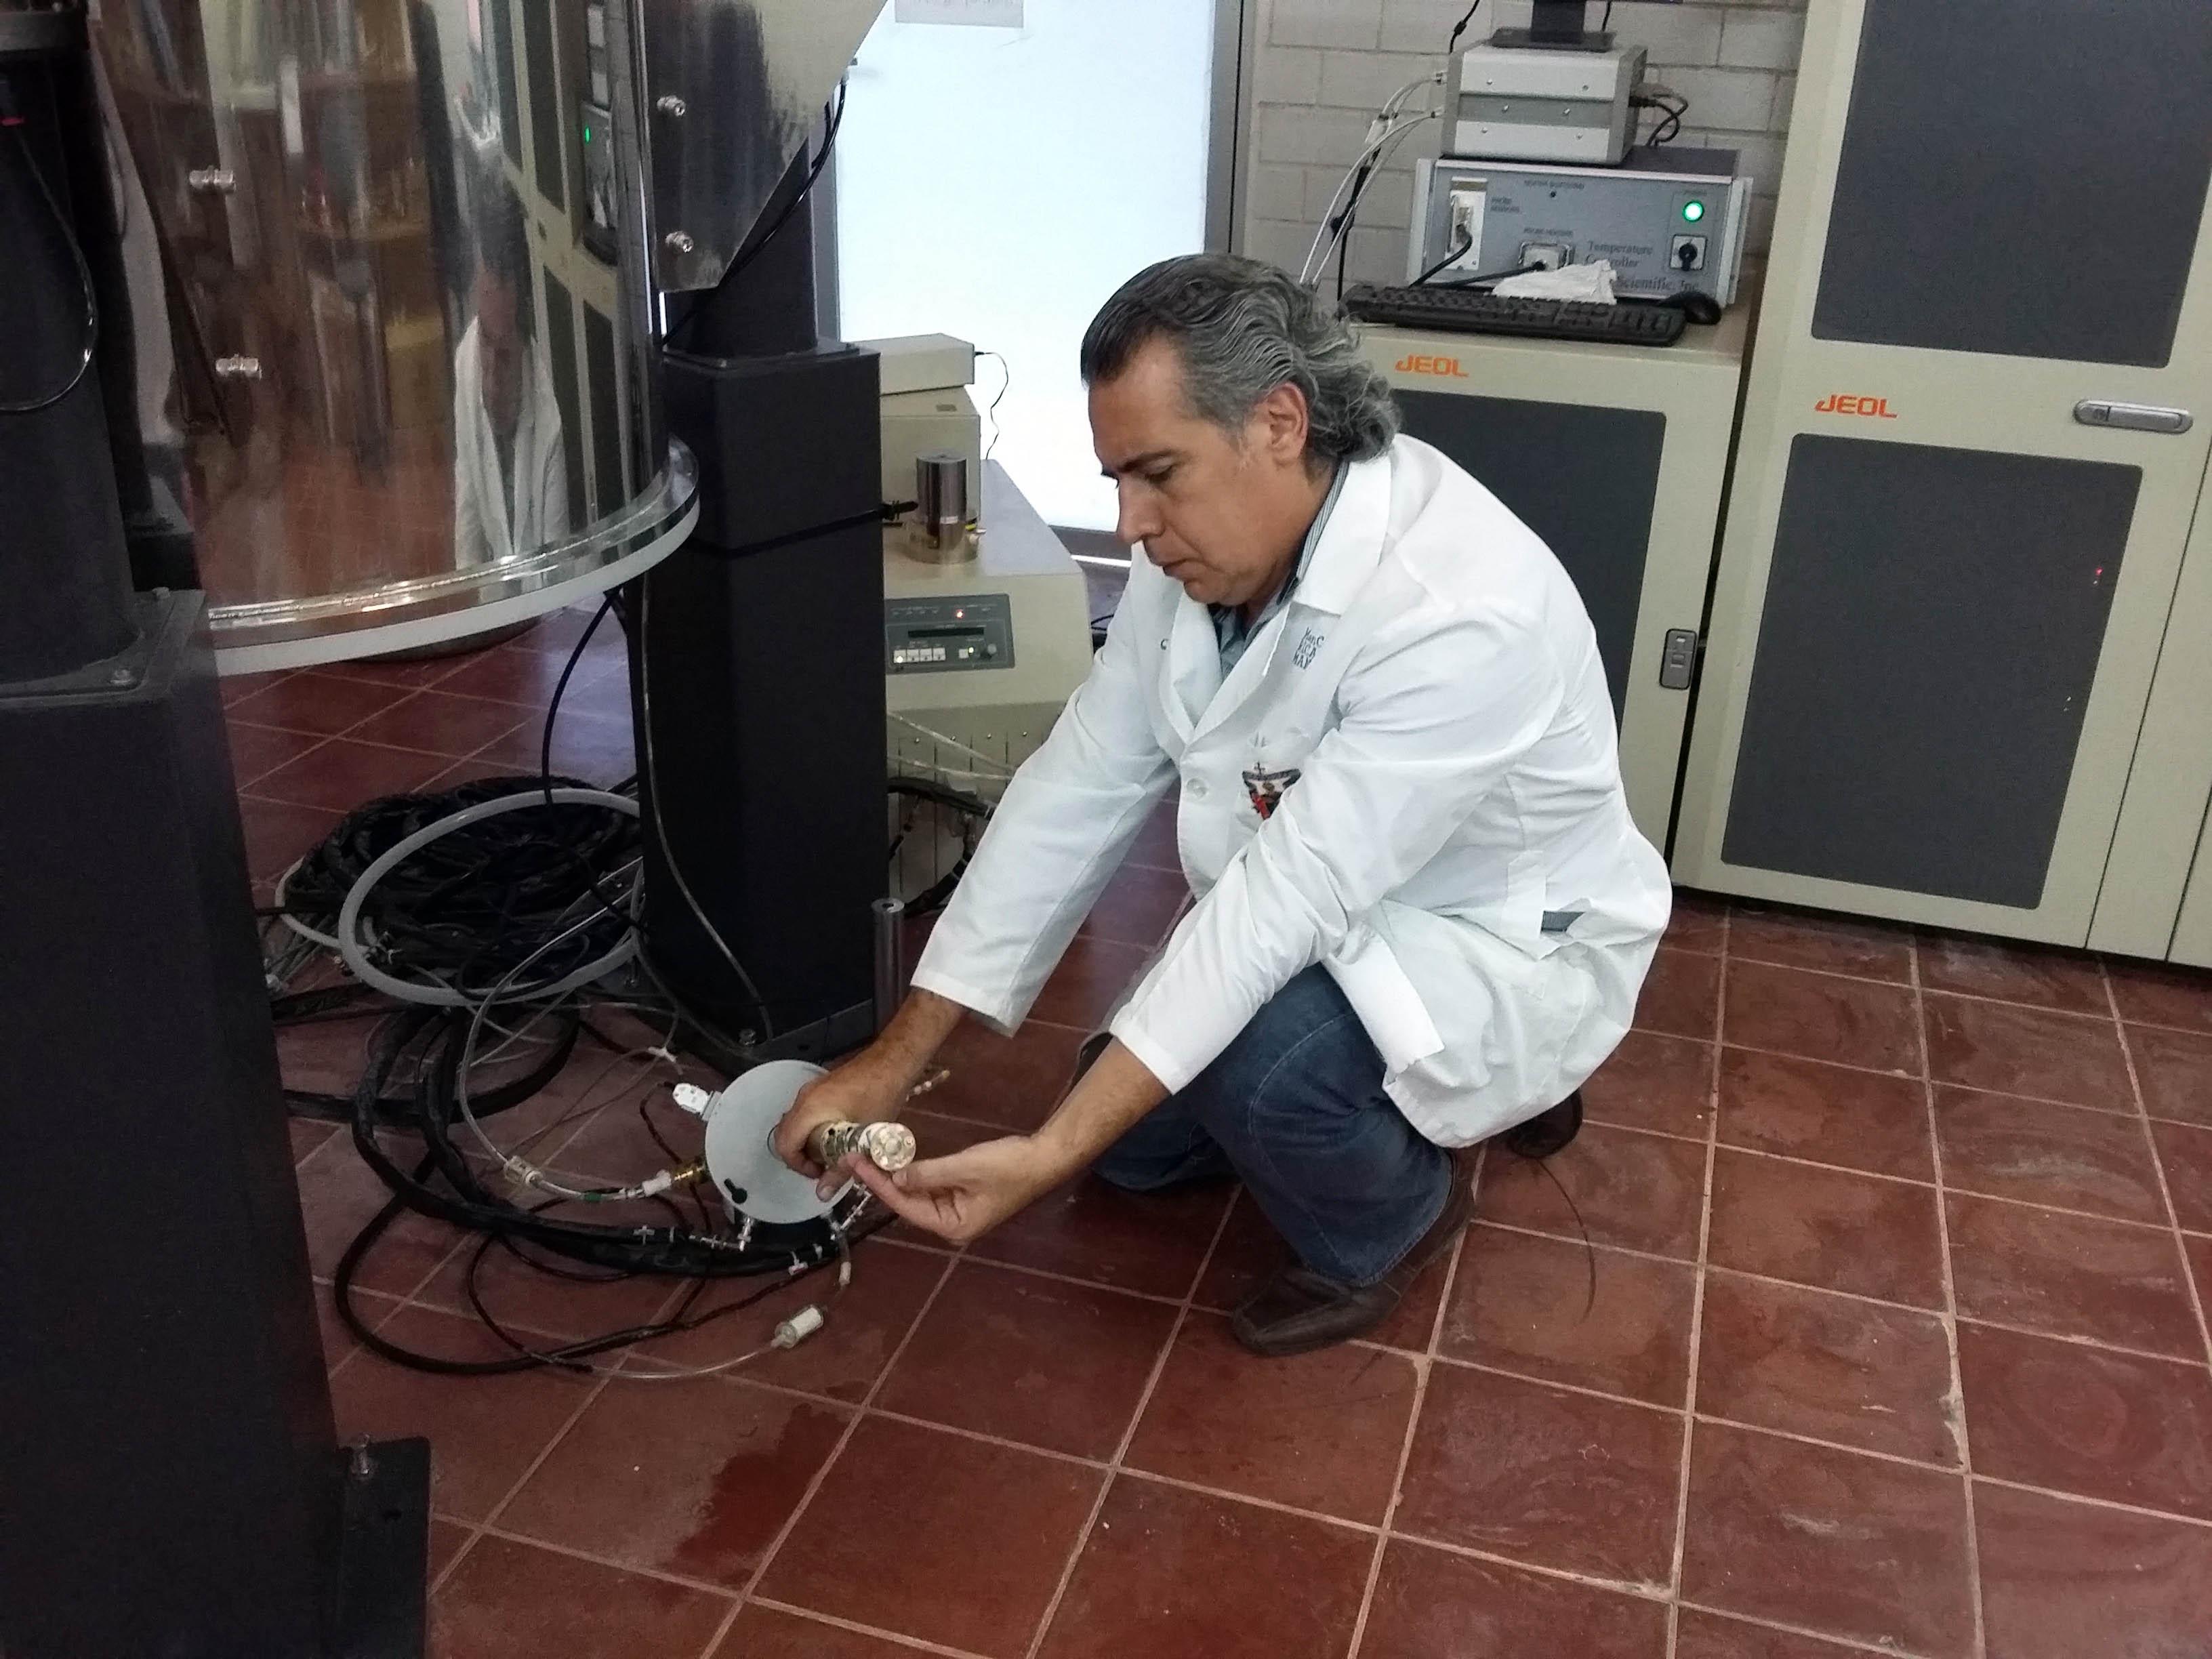 Hombre instalando un equipo de instrumentación